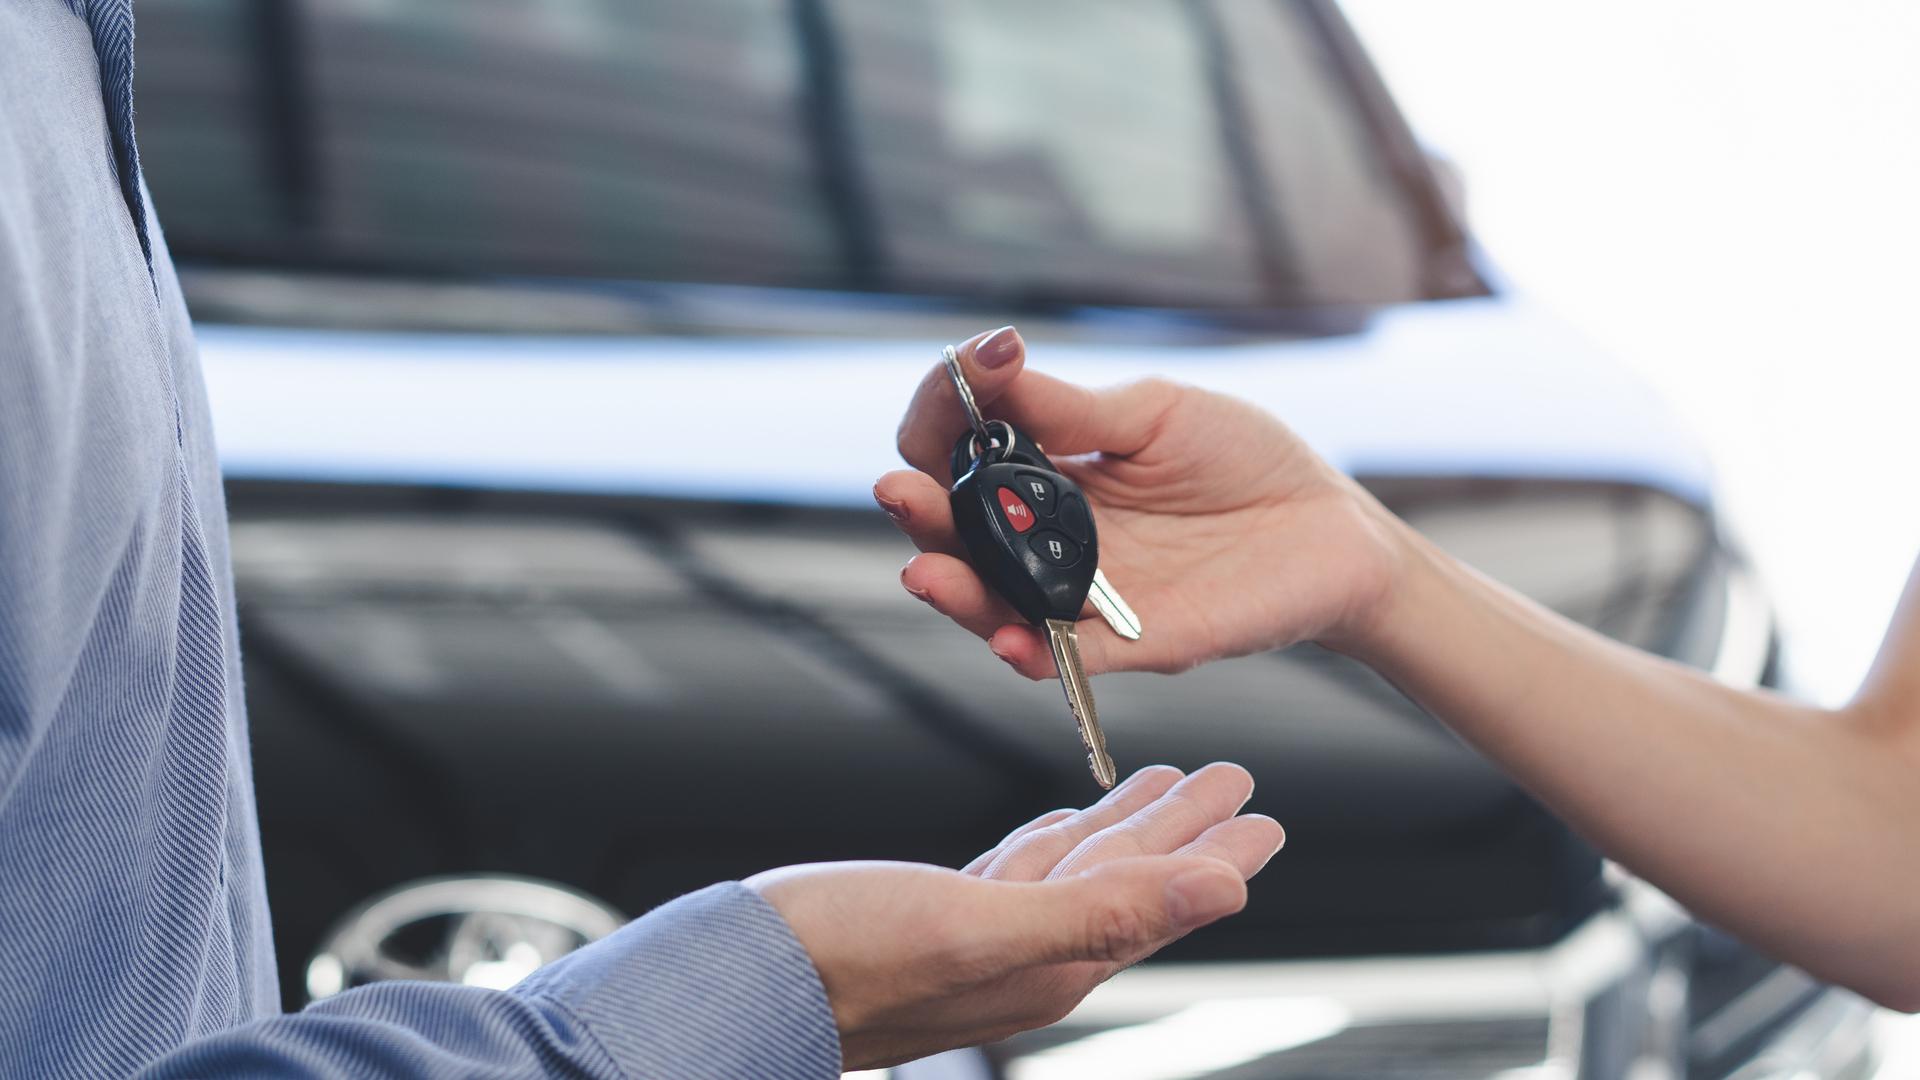 mao de mulher entrega chave de carro para mao de homem